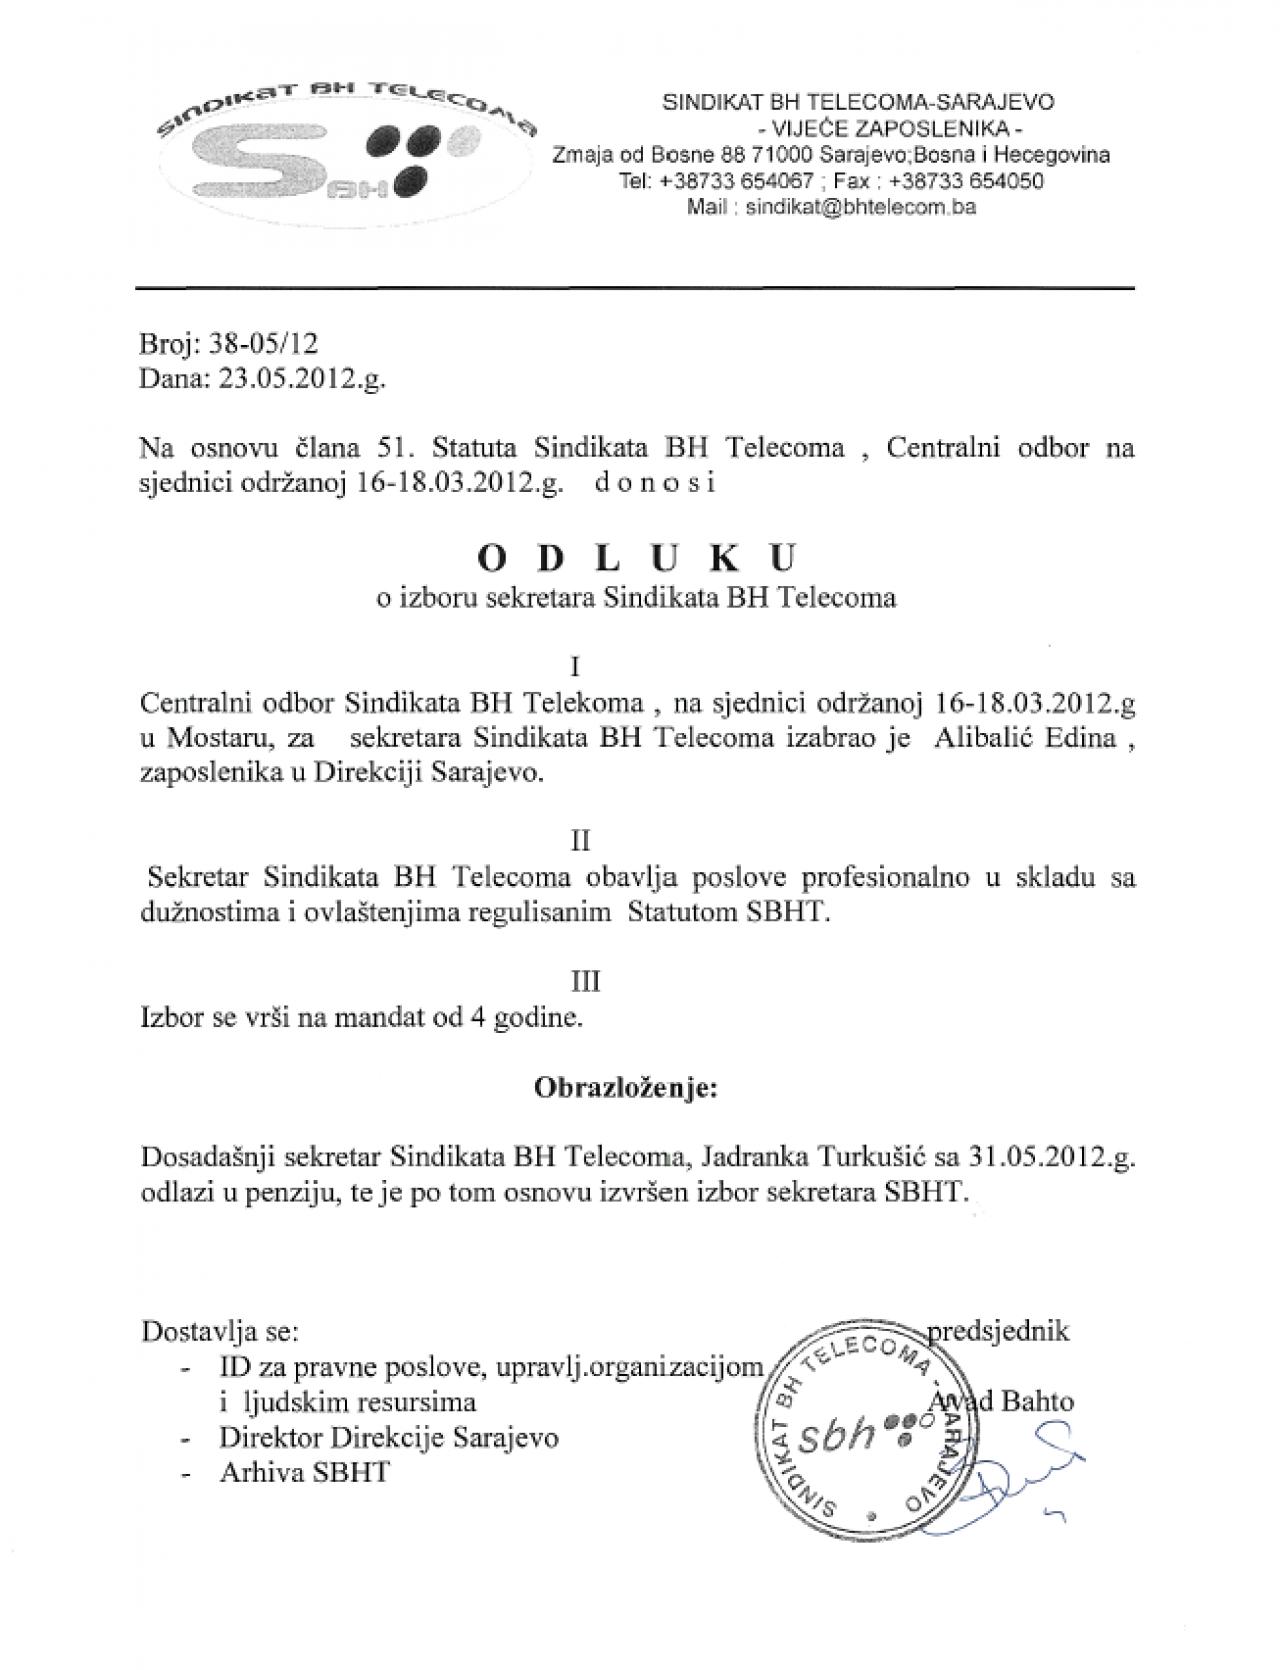 odluka-o-izboru-predsjednika-i-sekretara-slika_1.png